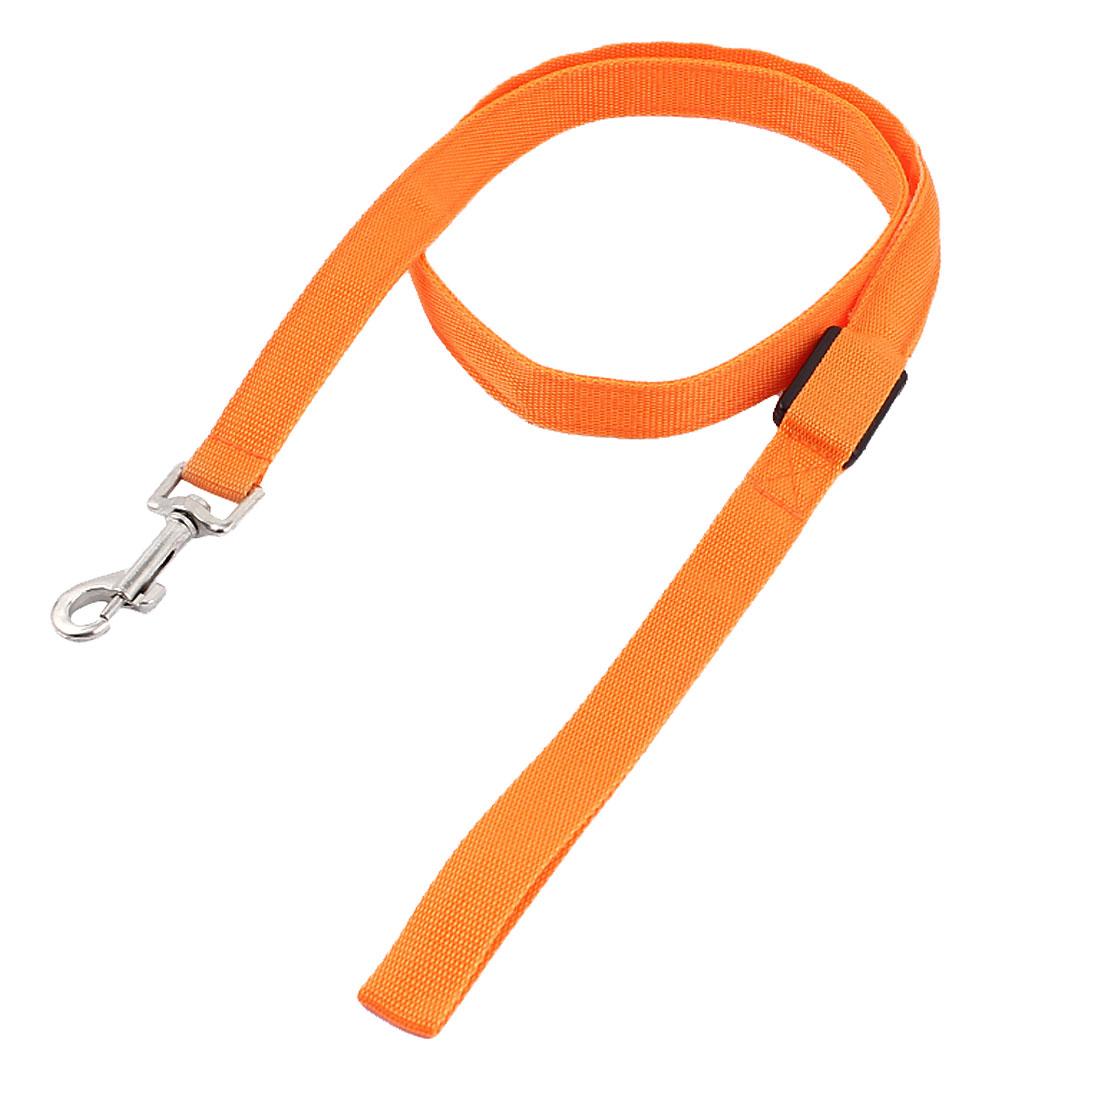 Pet Dog LED Flash Light Swivel Hook Training Walk Nylon Lead Leash Rope Orange